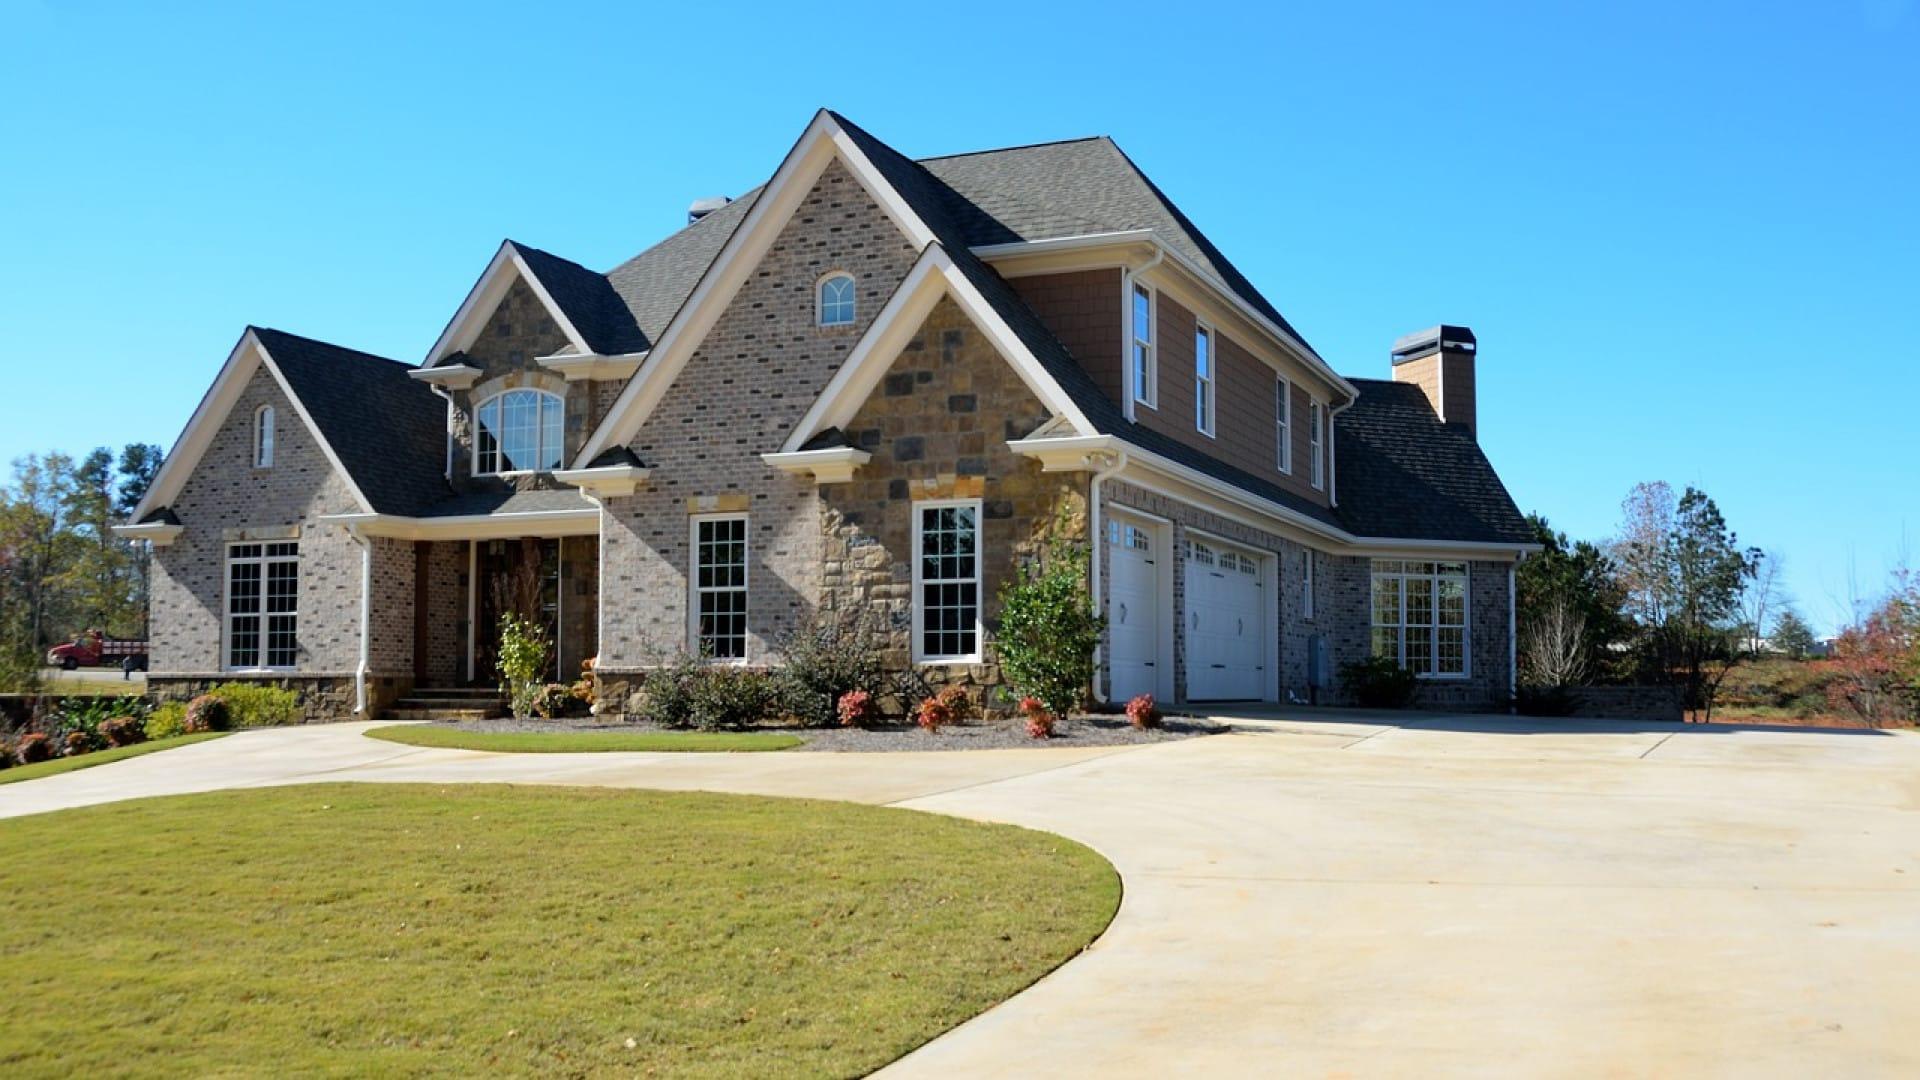 Pourquoi consulter les sites spécialisés avant d'investir dans l'immobilier?